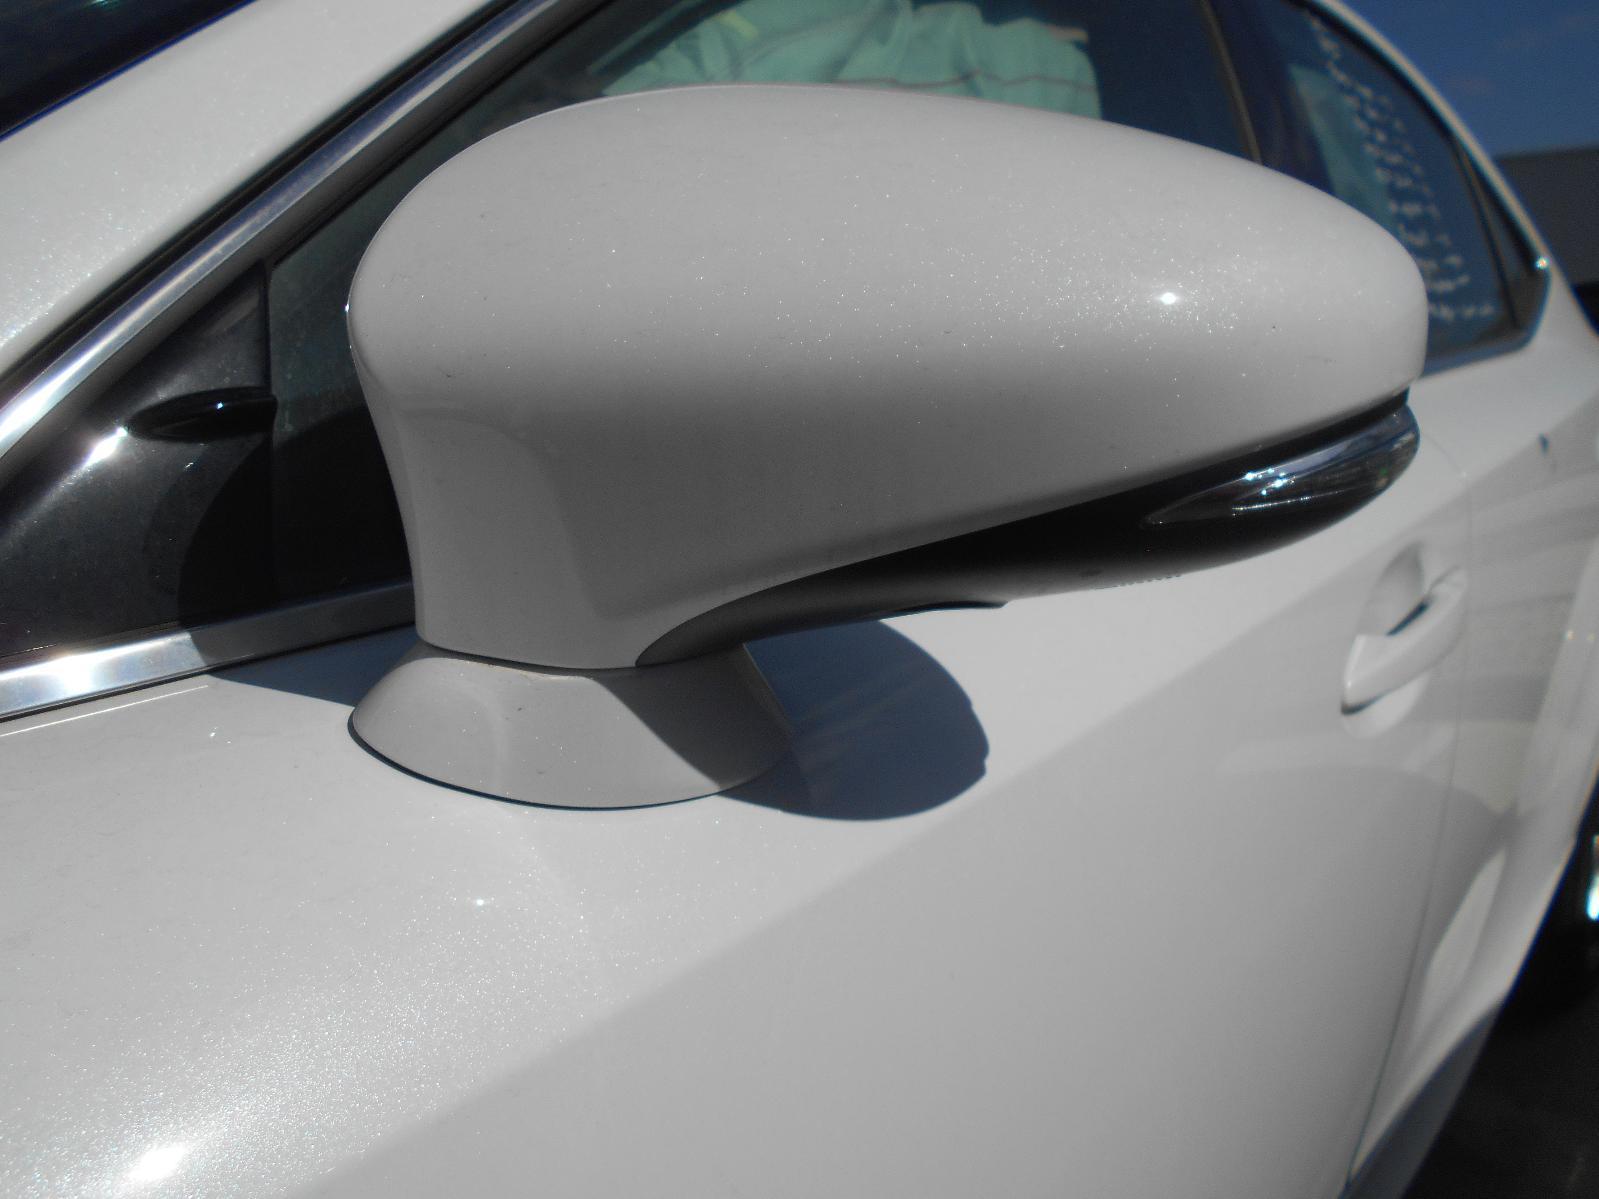 LEXUS IS, Left Door Mirror, IS200t/IS250/IS300H/IS350, XE30, W/ BLIND SPOT DETECTOR TYPE, 04/13-